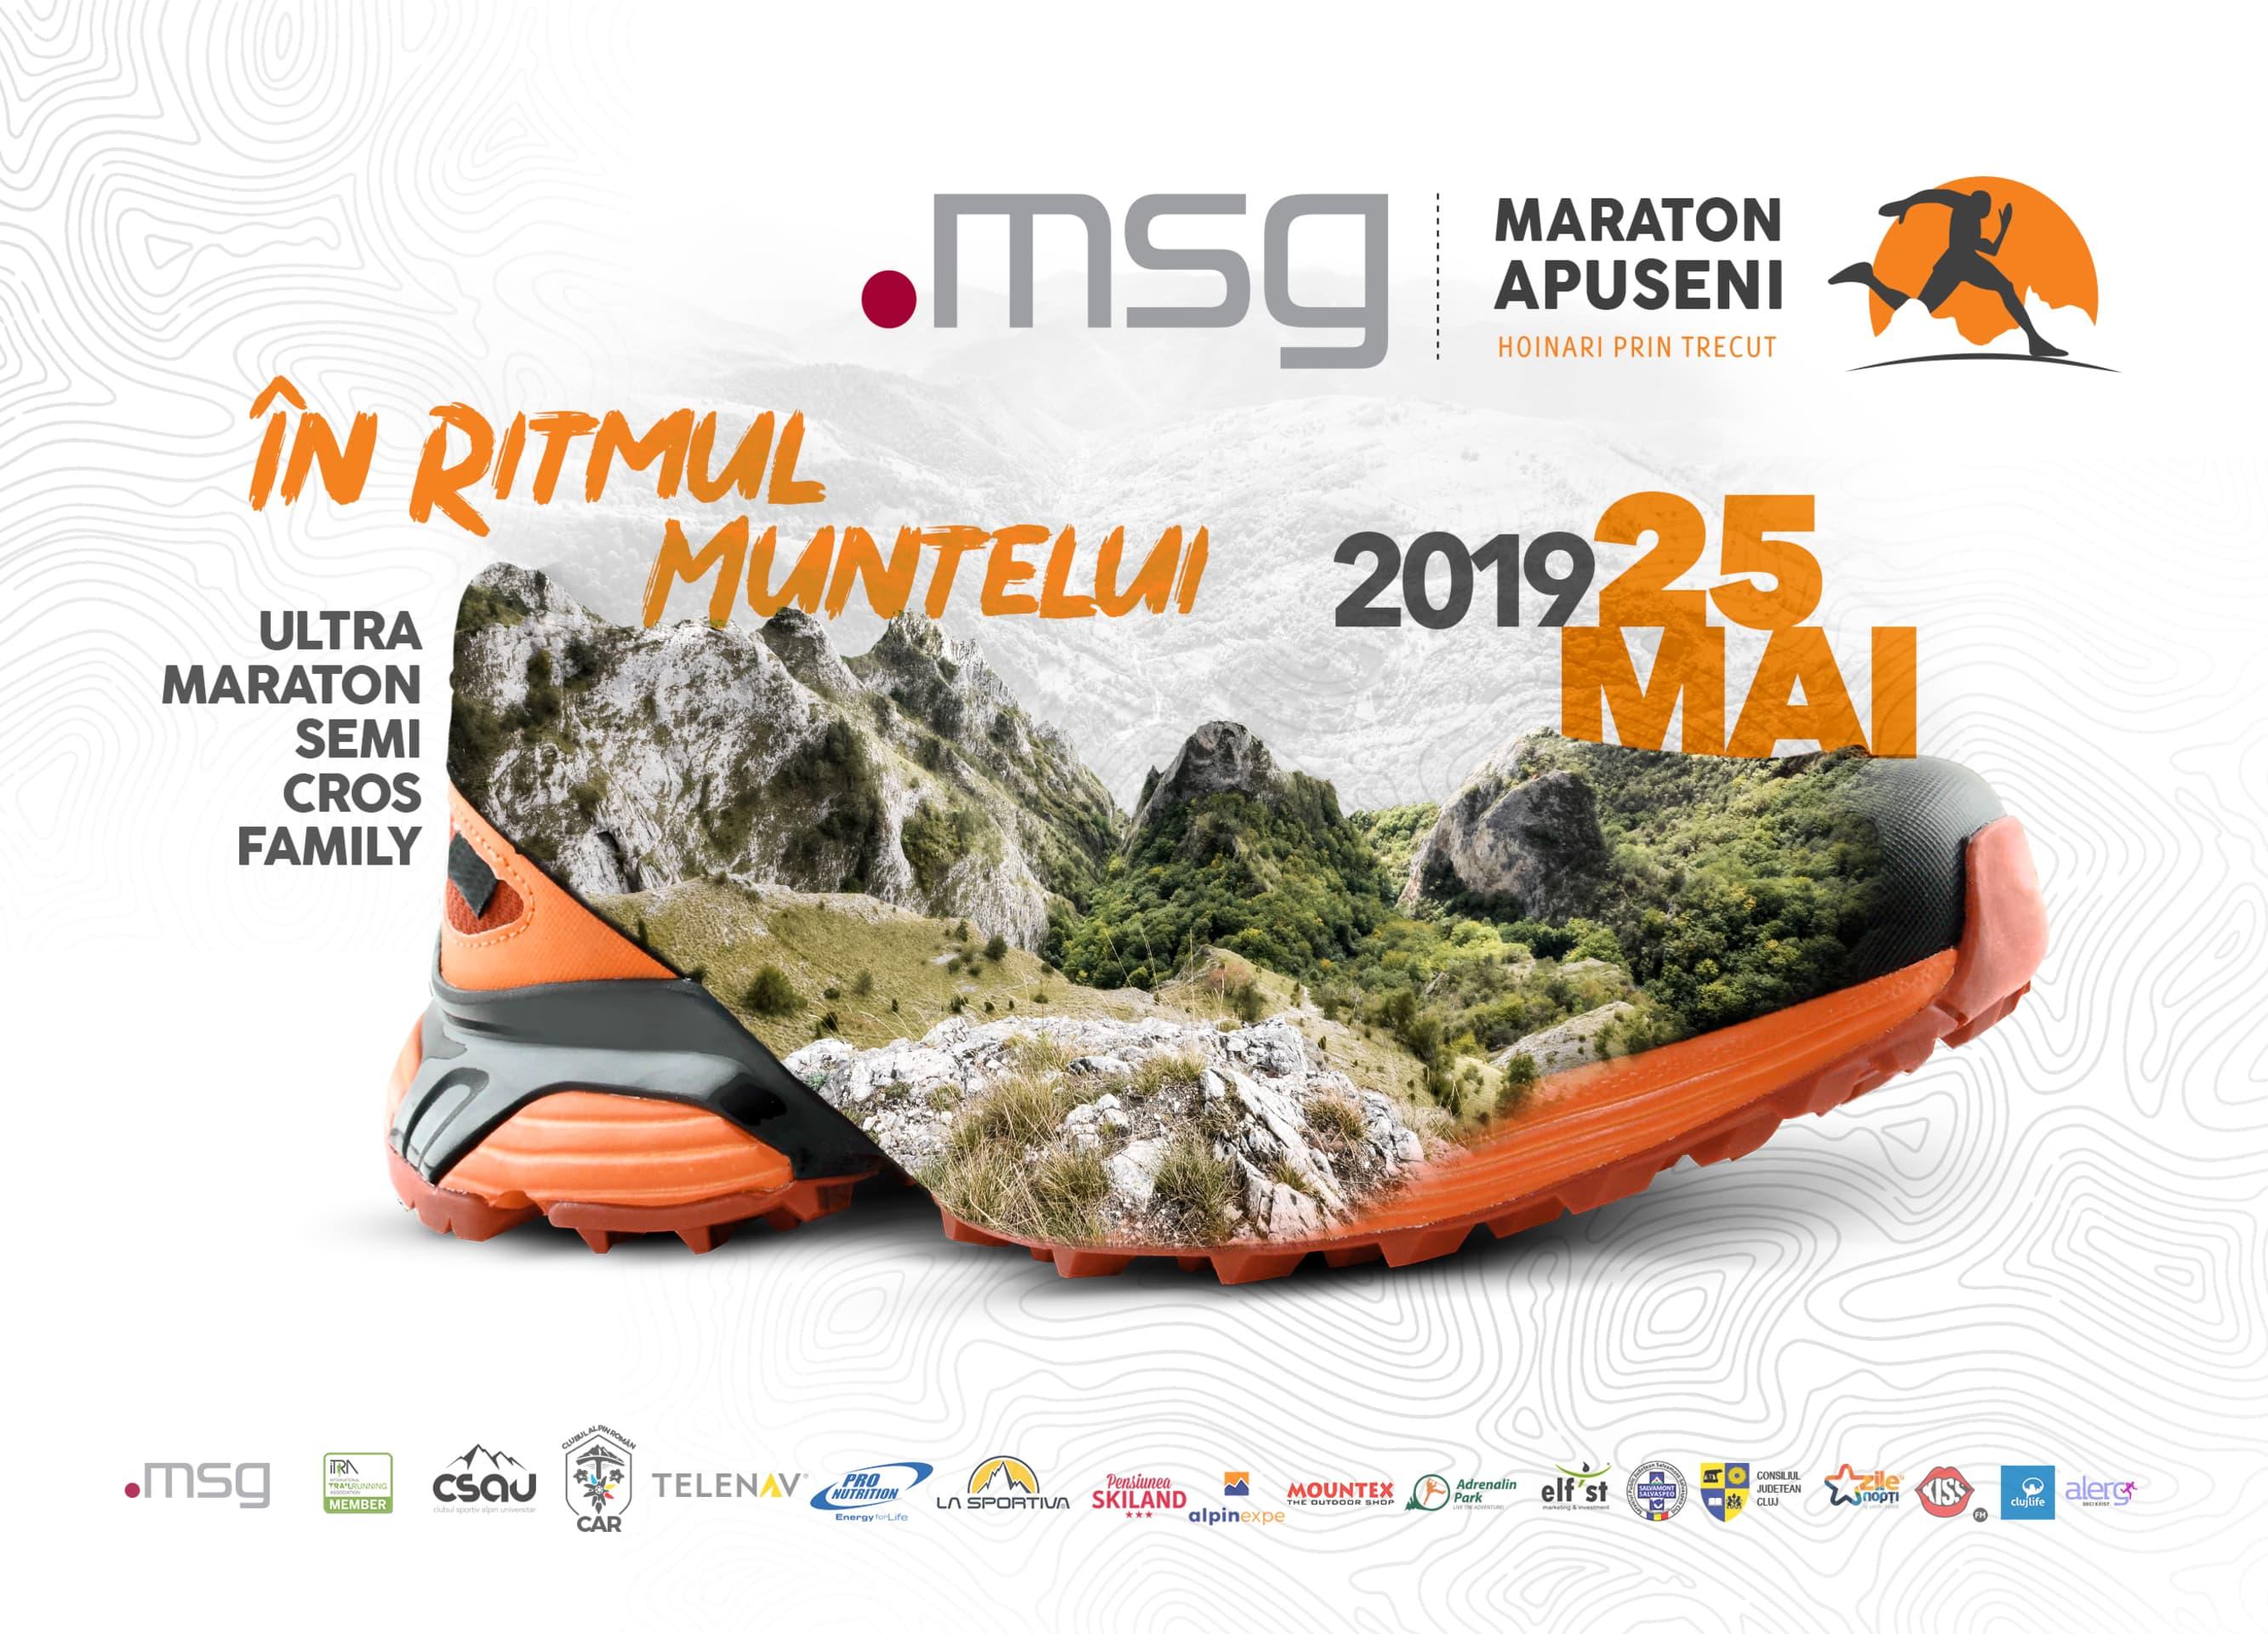 S-a dat startul înscrierilor la Msg Maraton Apuseni 2019!